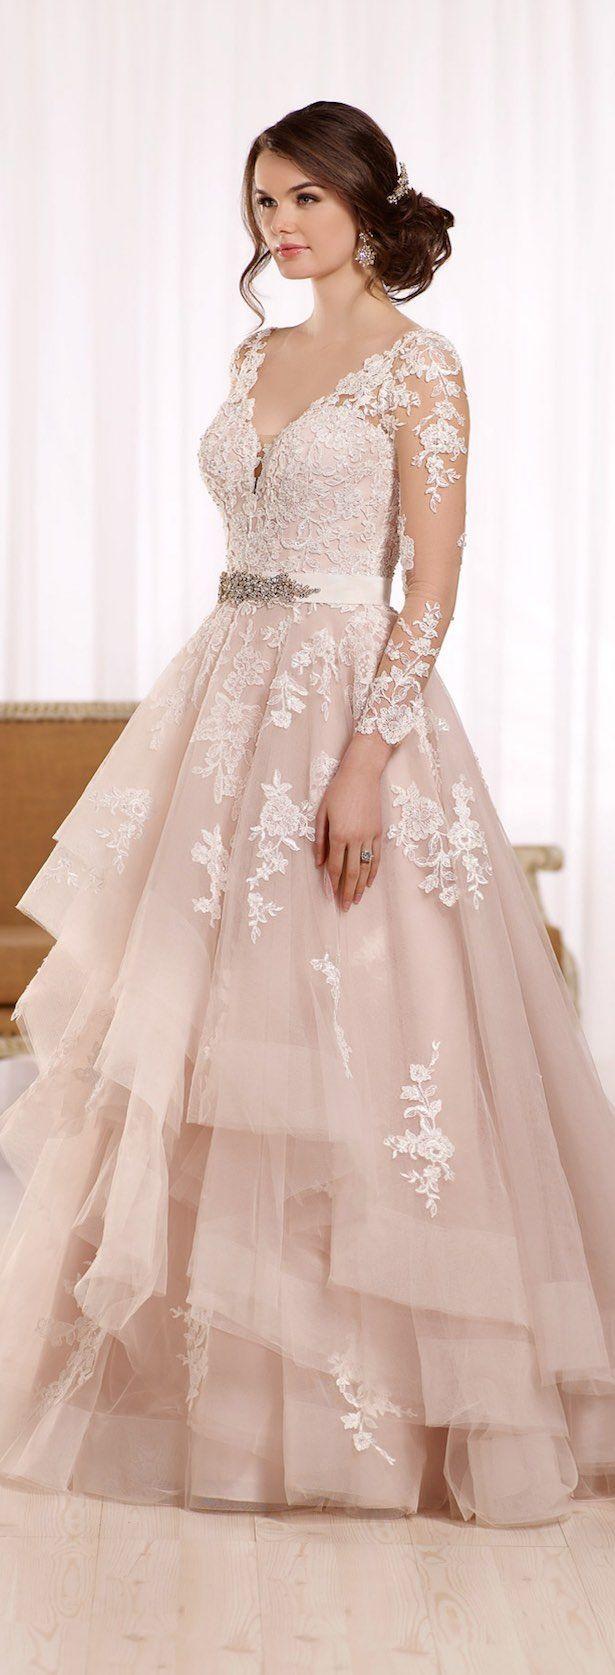 Essense of Australia Fall 2016 | Vestiditos, Vestidos de novia y De ...